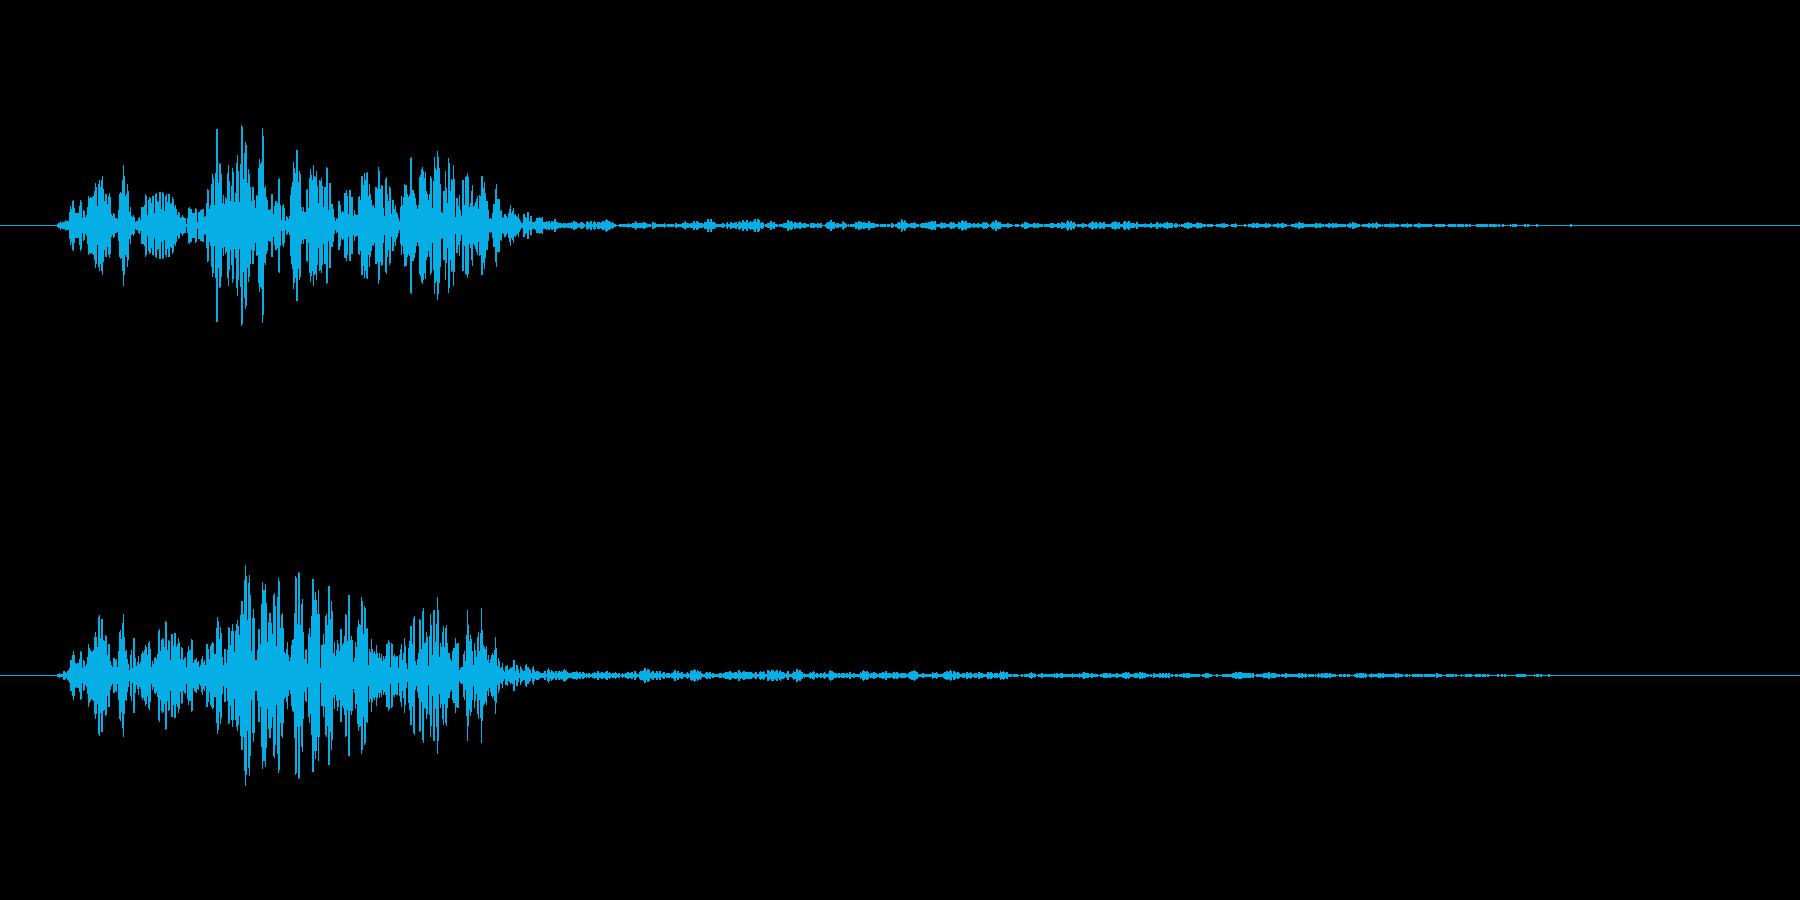 「タララー」という効果音です。の再生済みの波形